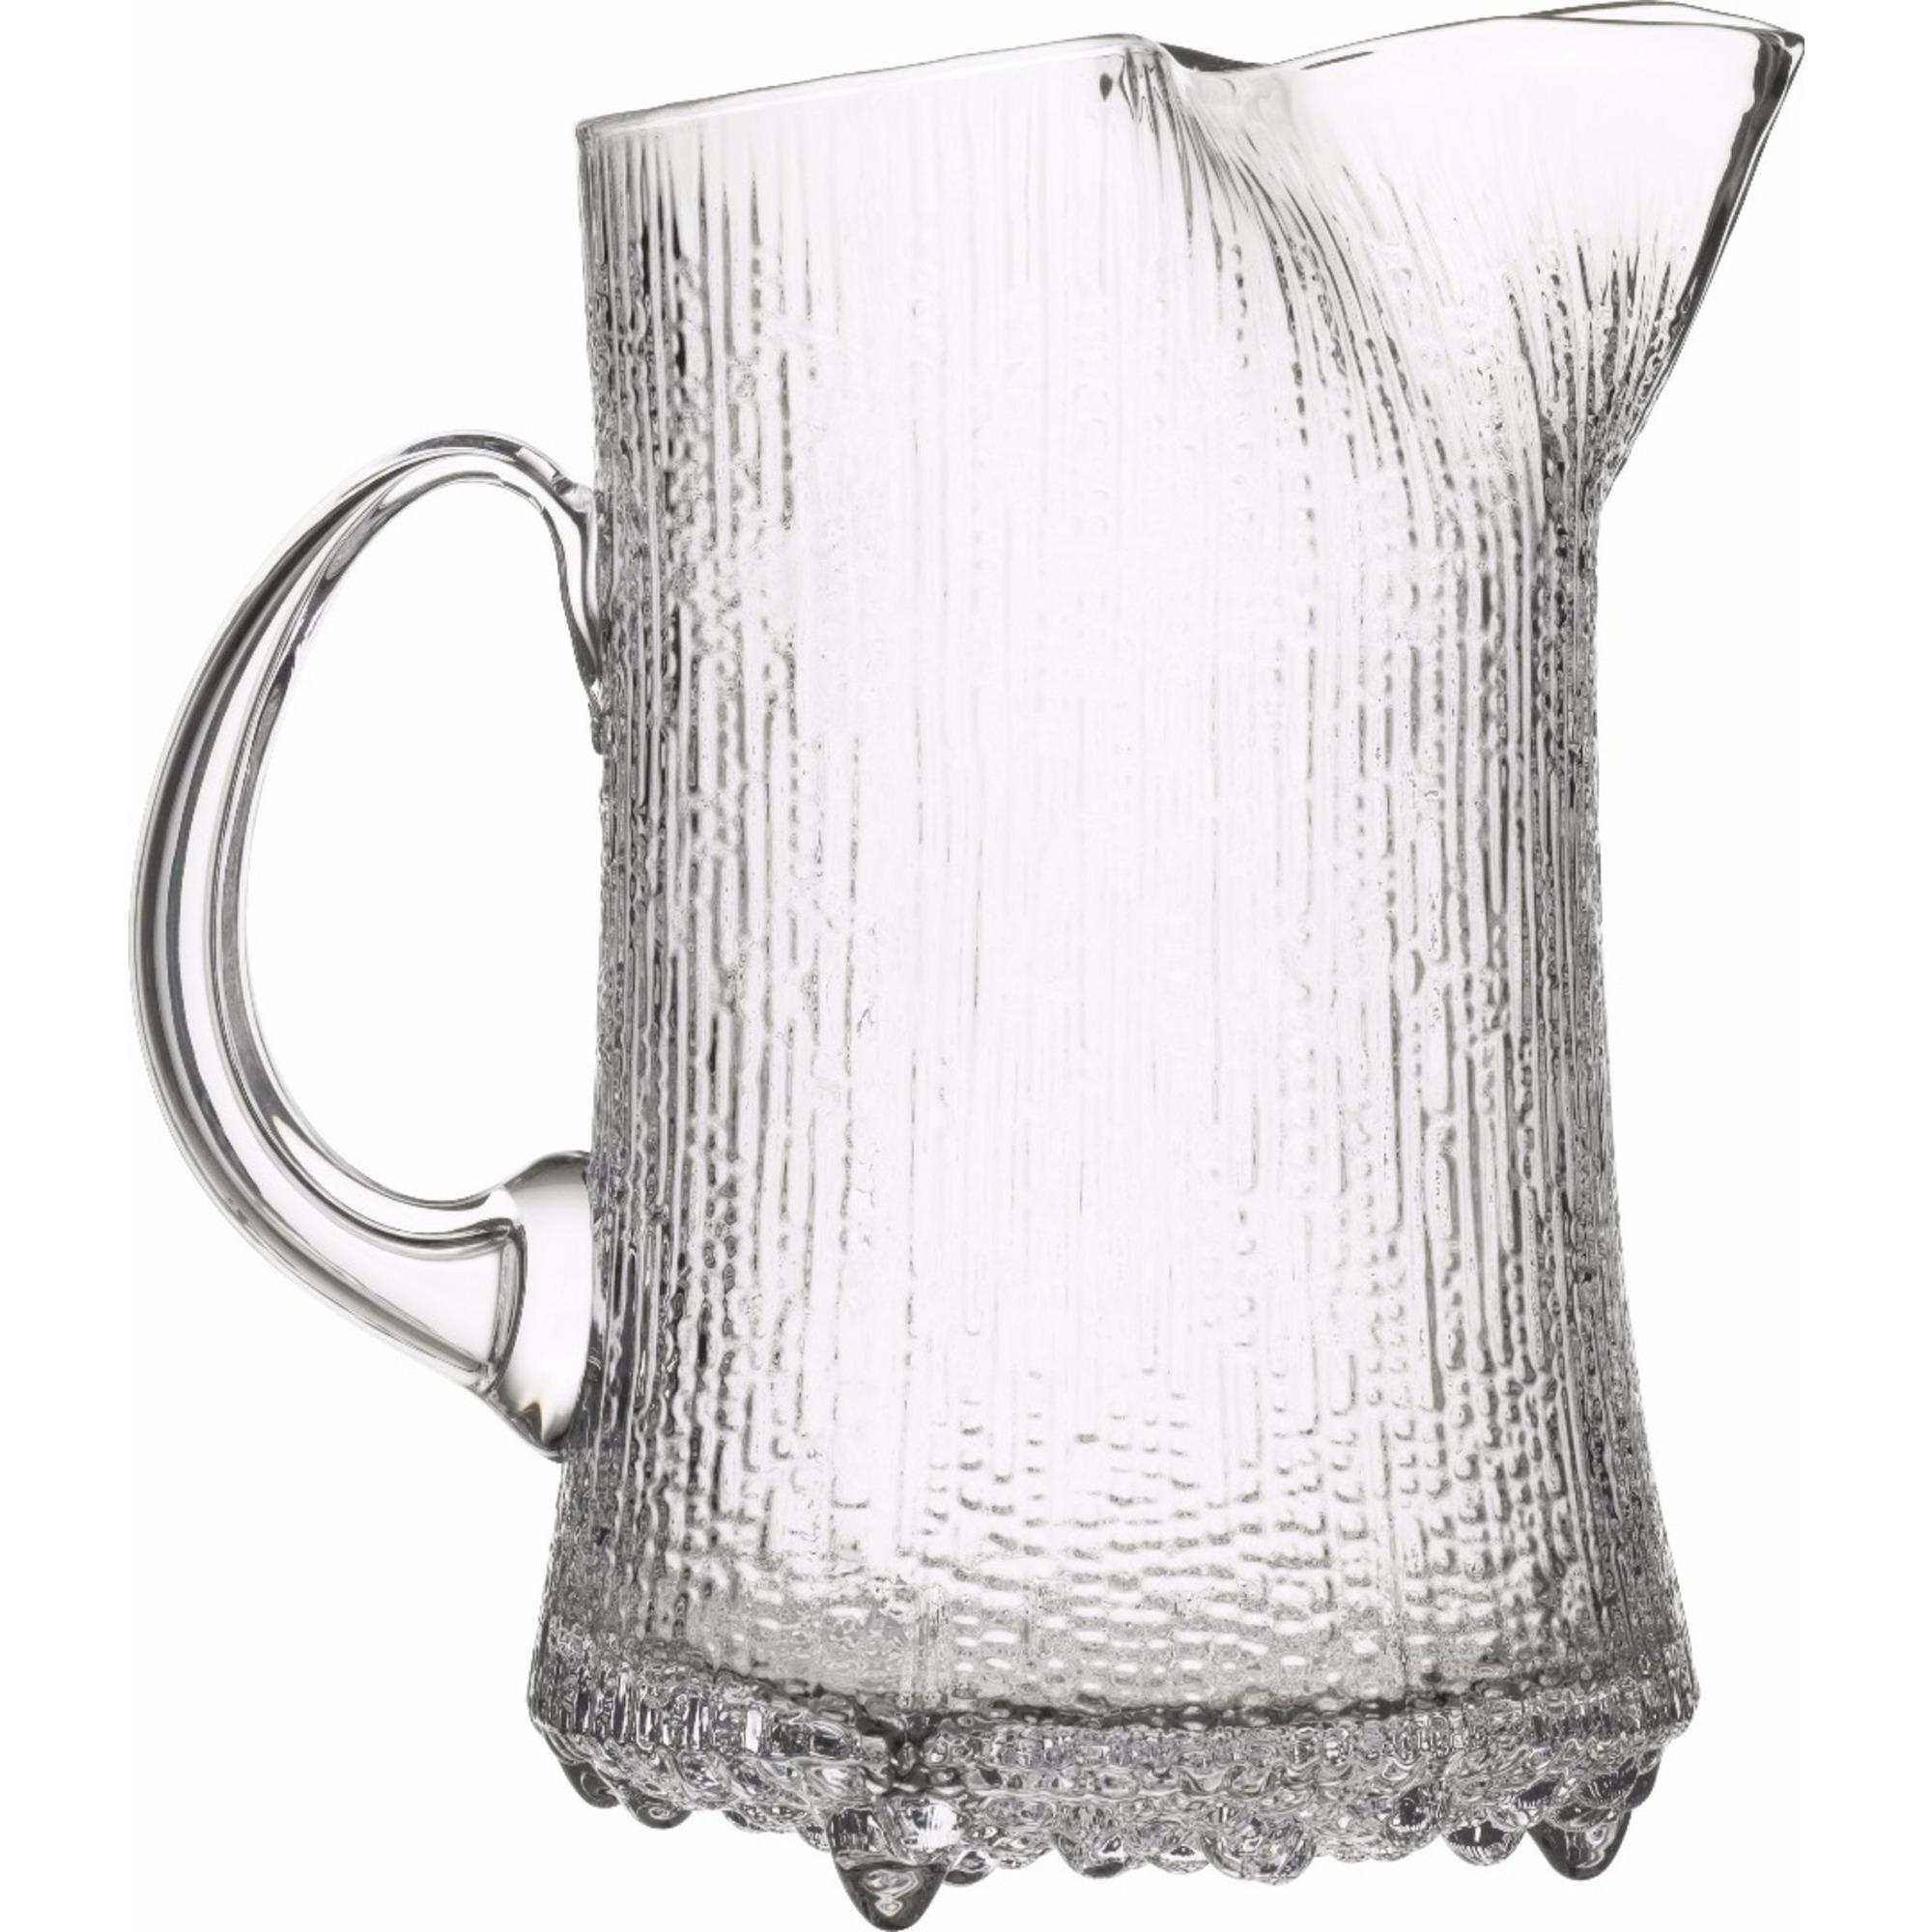 Iittala Ultima Thule kanna 15 liter